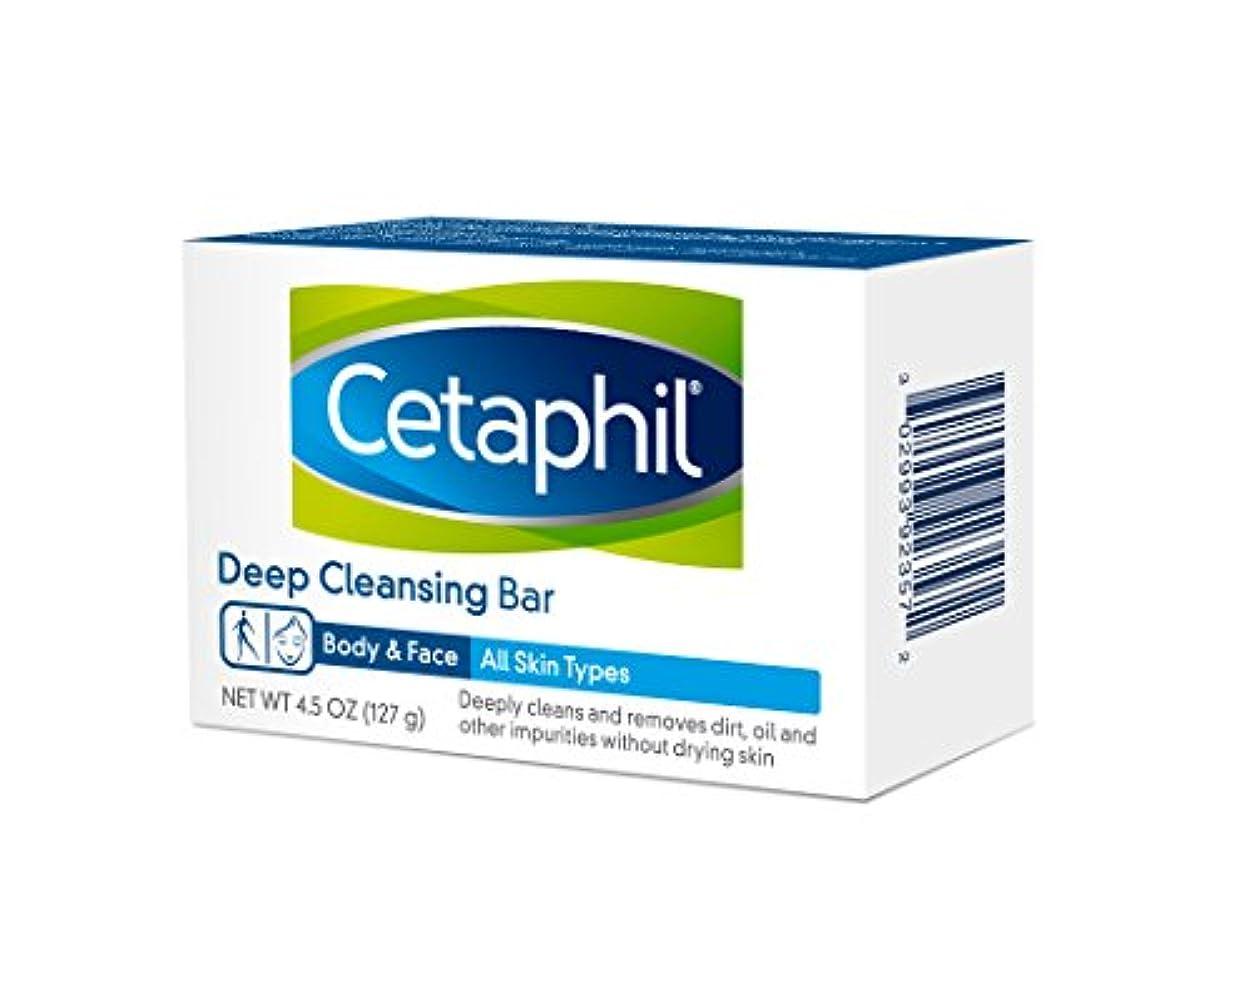 平和硬いふりをするCetaphil Deep Cleansing Face Body Bar for All Skin Types 127g×6個セット 並行輸入品